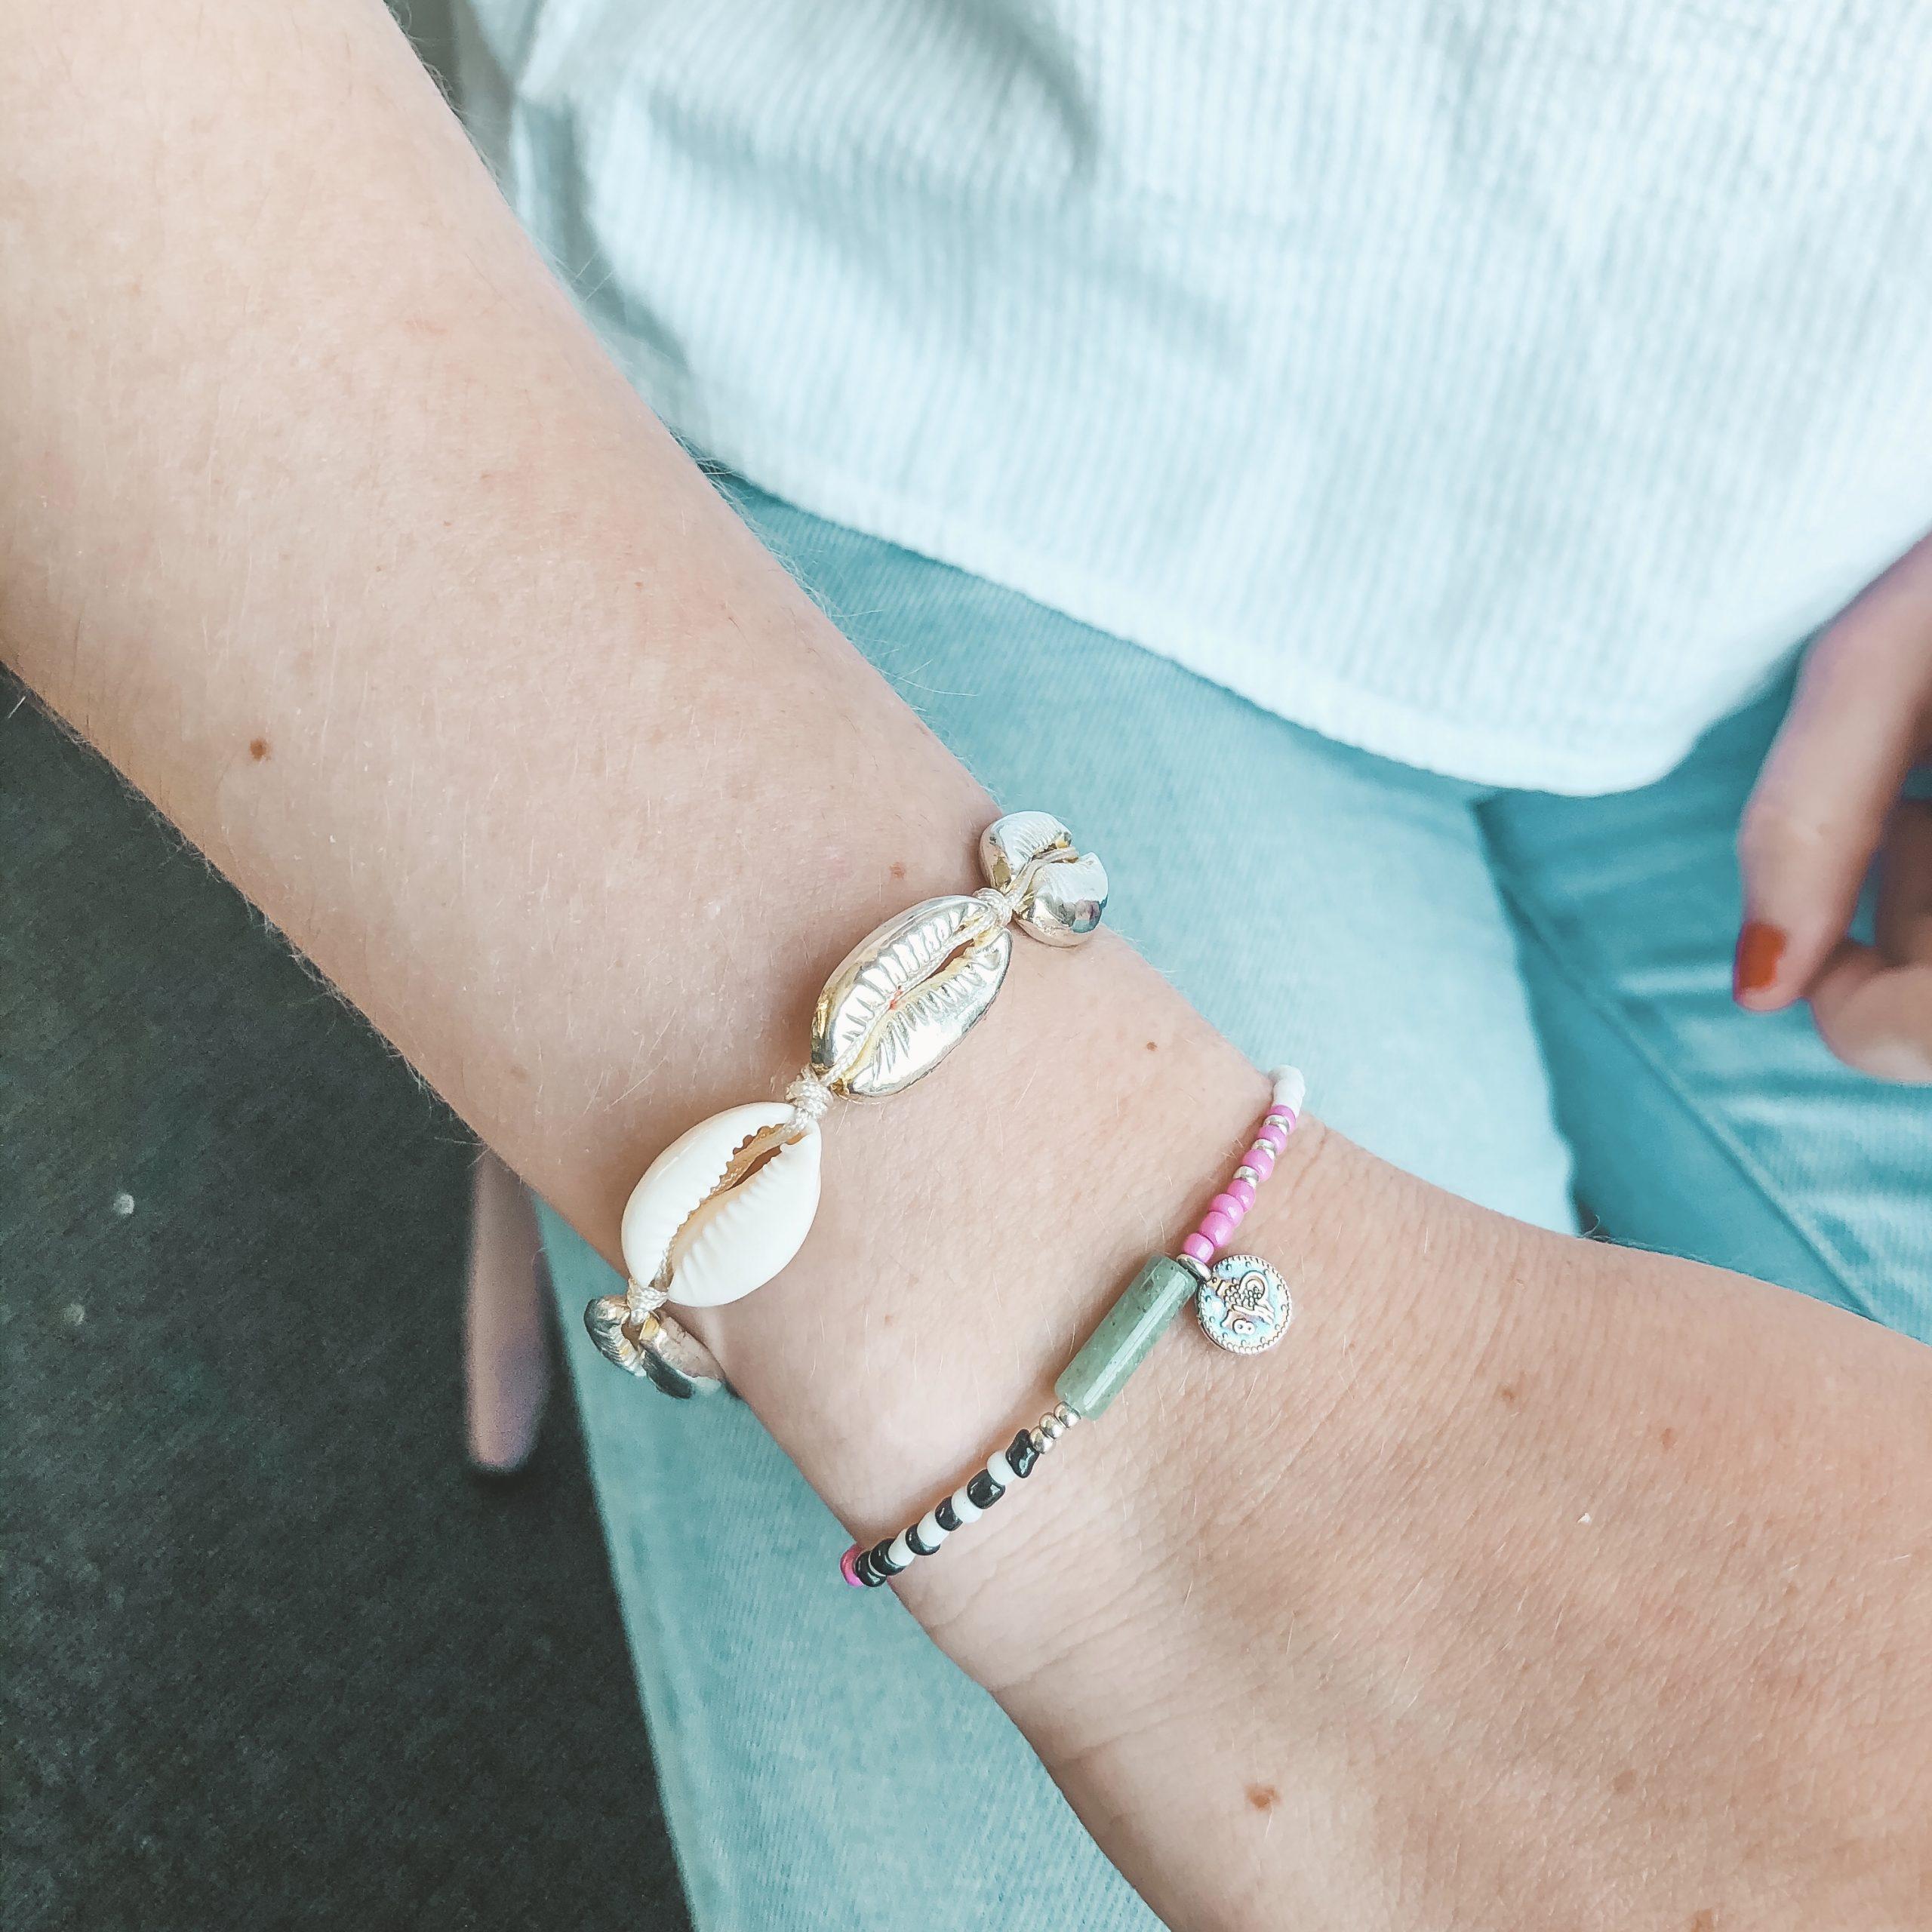 Green stone coin bracelet